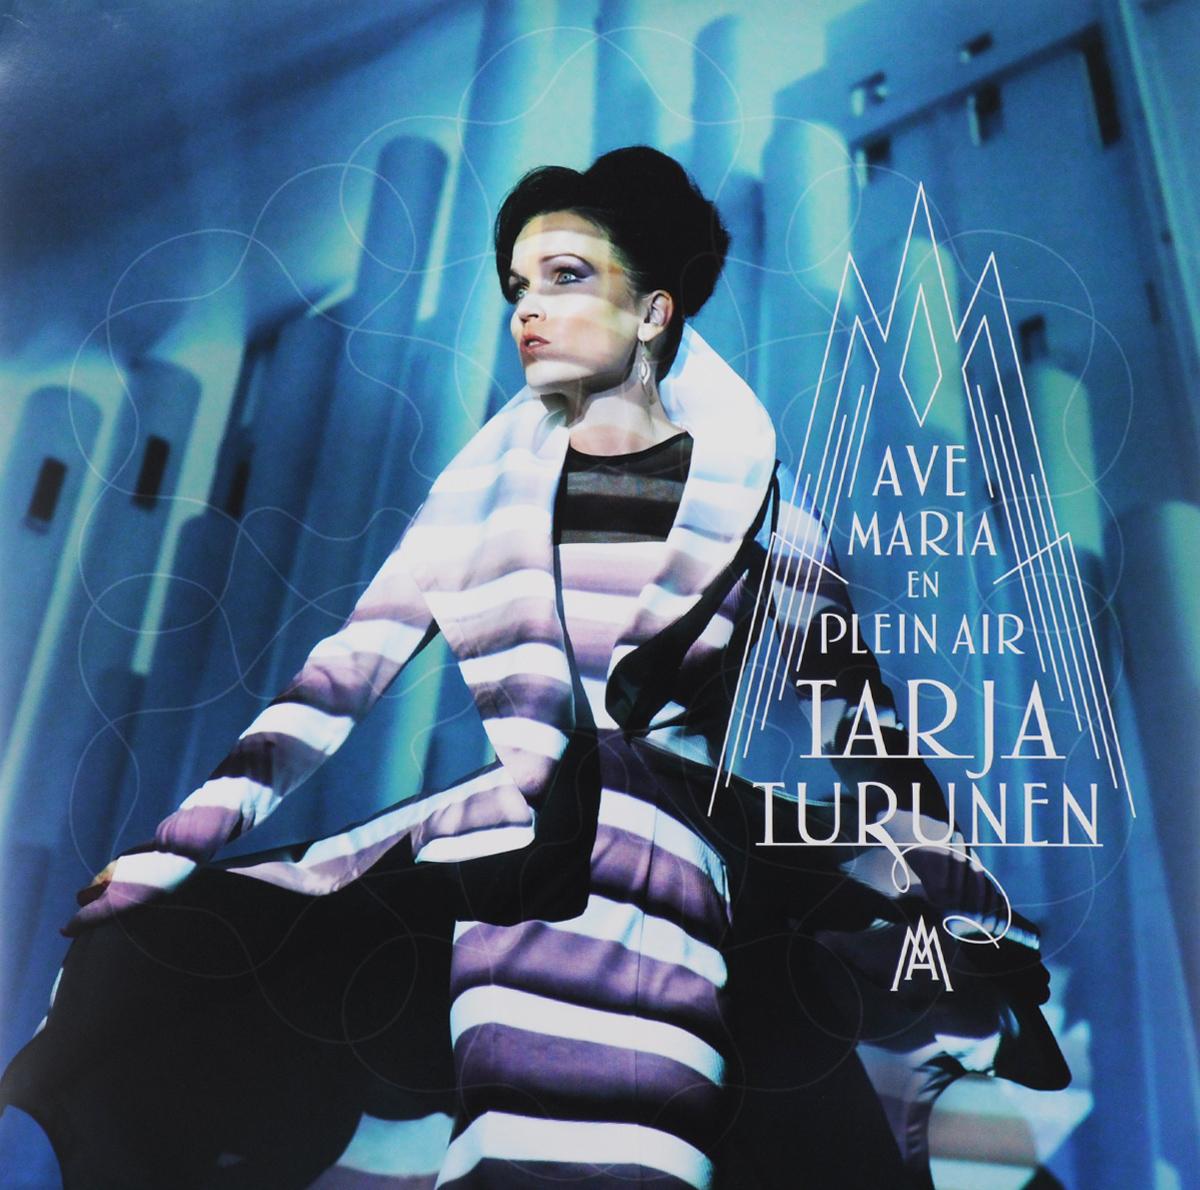 Тарья Турунен Tarja Turunen. Ave Maria En Plein Air (LP) tarja turunen